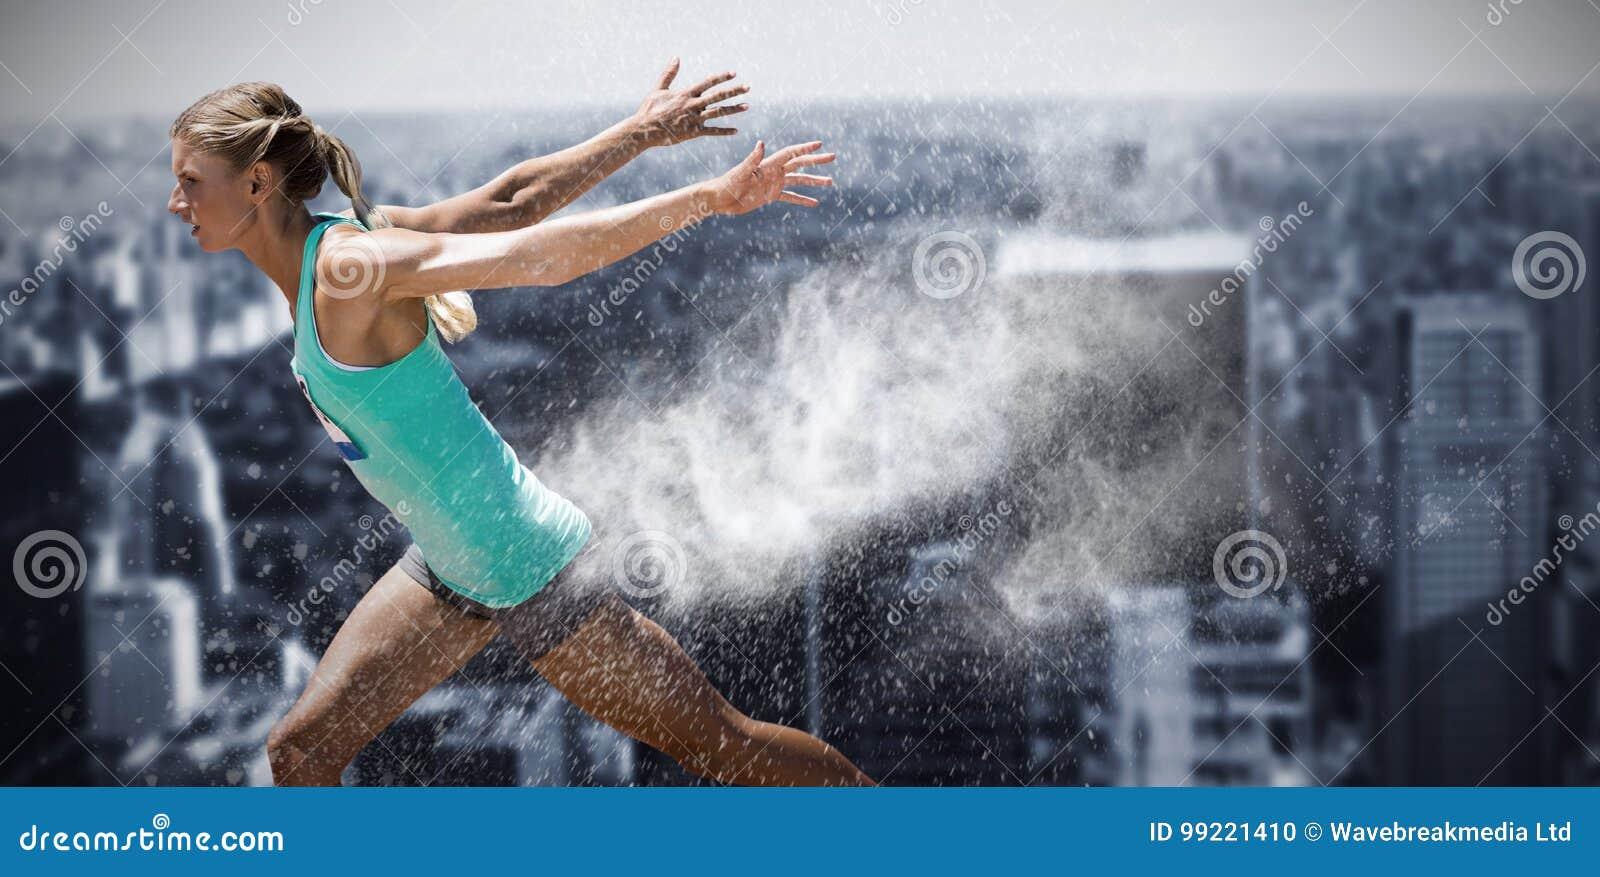 Σύνθετη εικόνα της φιλάθλου που τελειώνει το τρέξιμό της